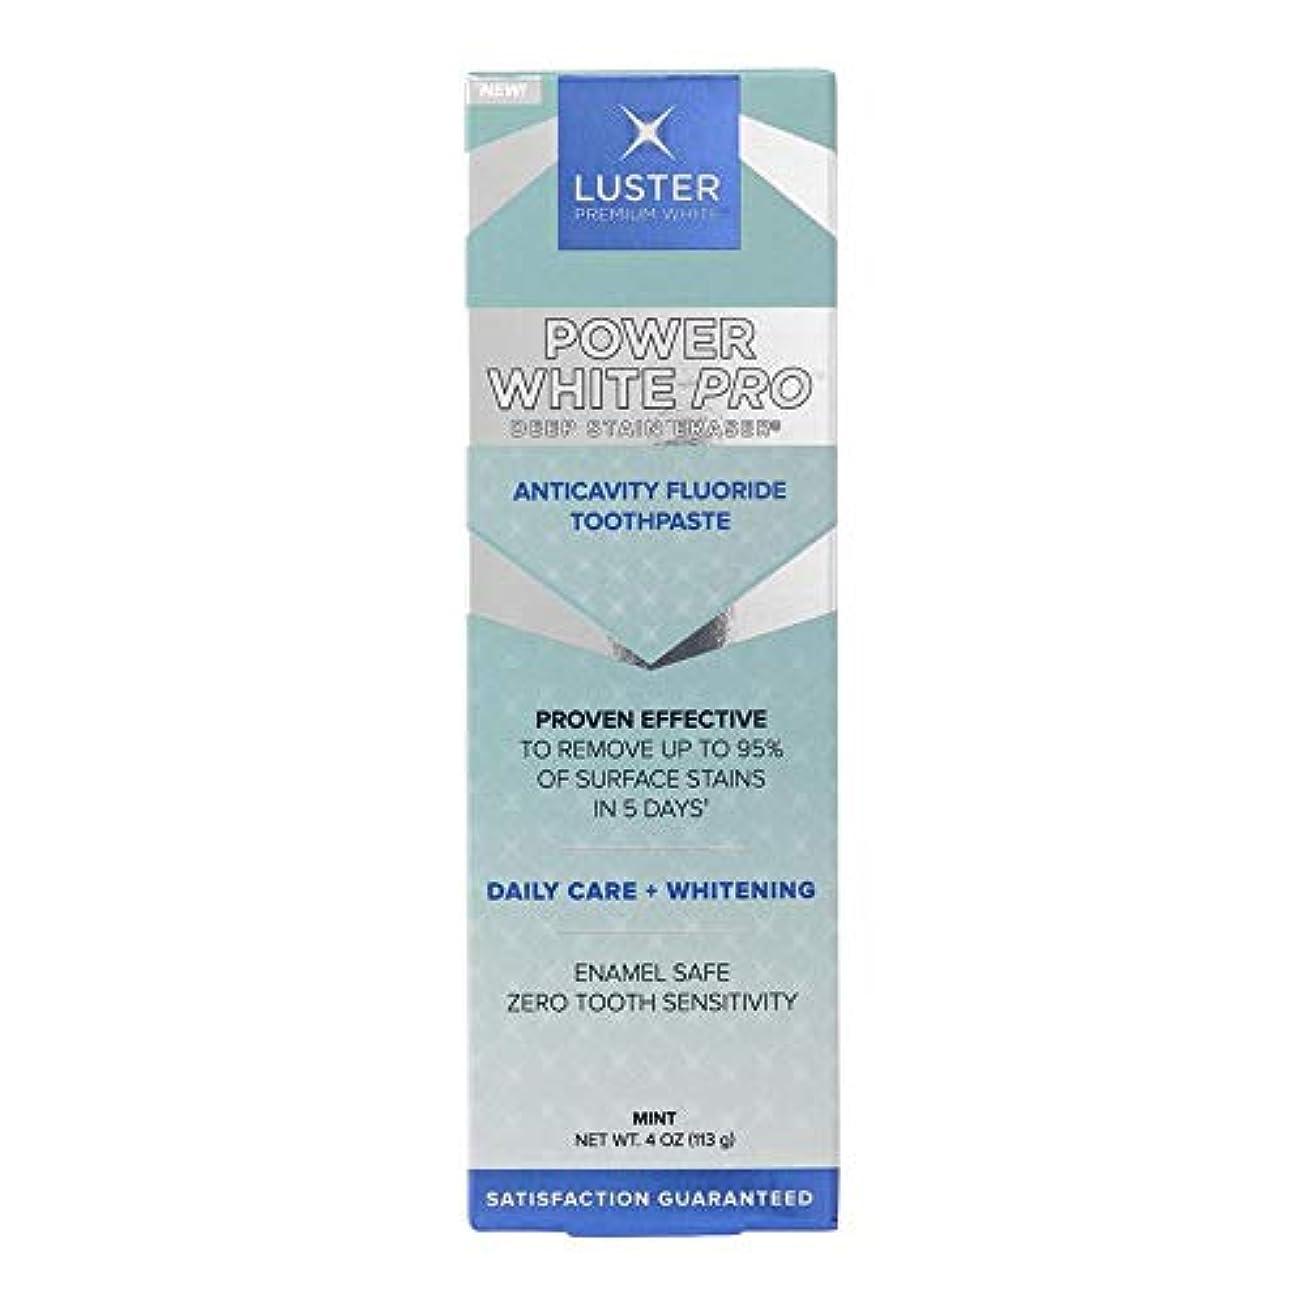 微生物模索スカーフLuster プレミアムホワイト|パワーホワイトプロデイリーケアディープステイン消しゴム歯虫歯予防フッ素ホワイトニングの歯磨き粉、ミント